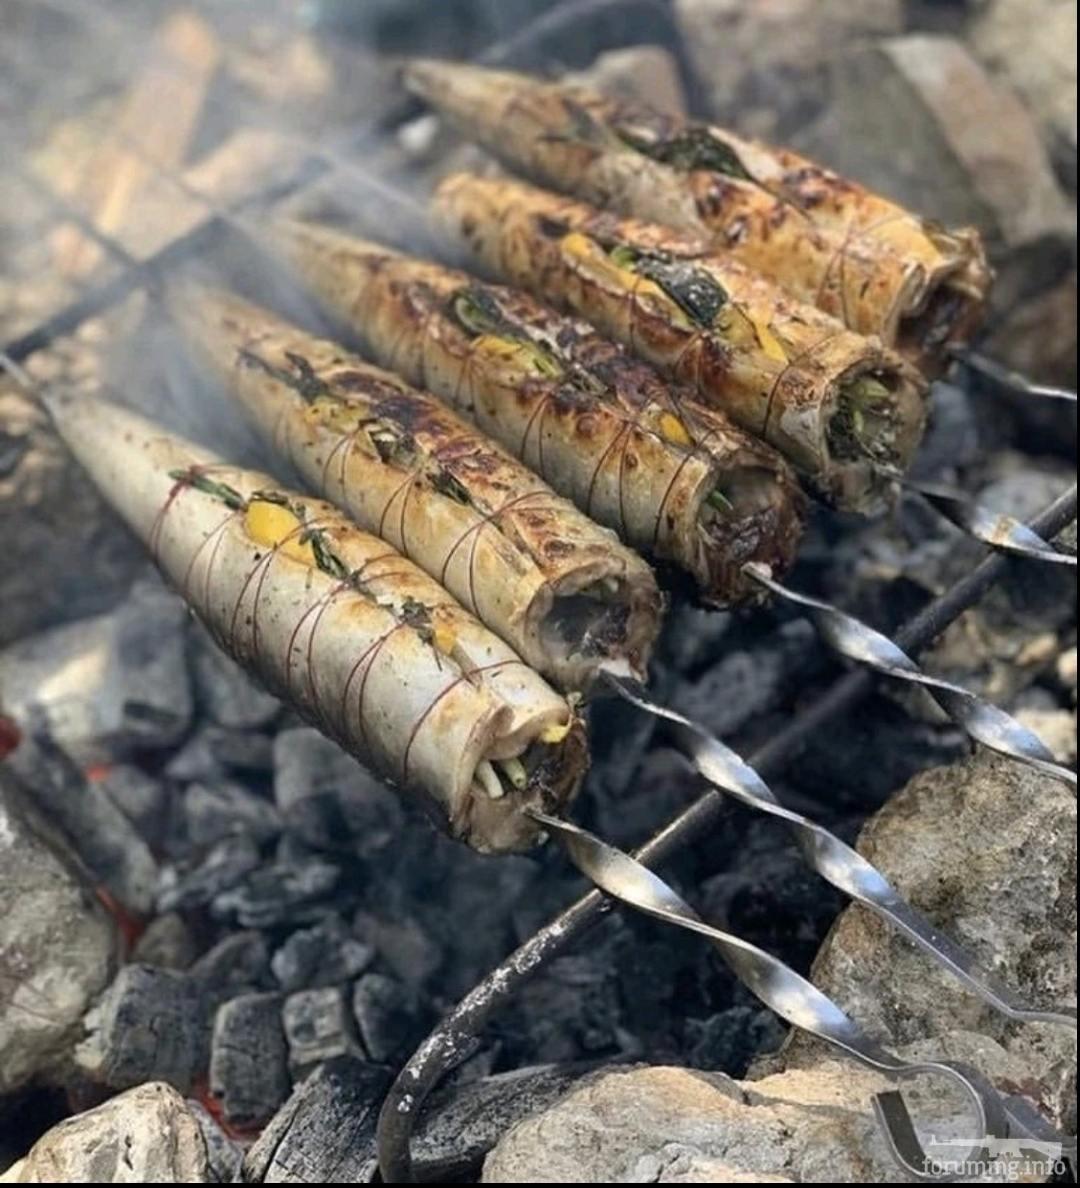 135490 - Закуски на огне (мангал, барбекю и т.д.) и кулинария вообще. Советы и рецепты.